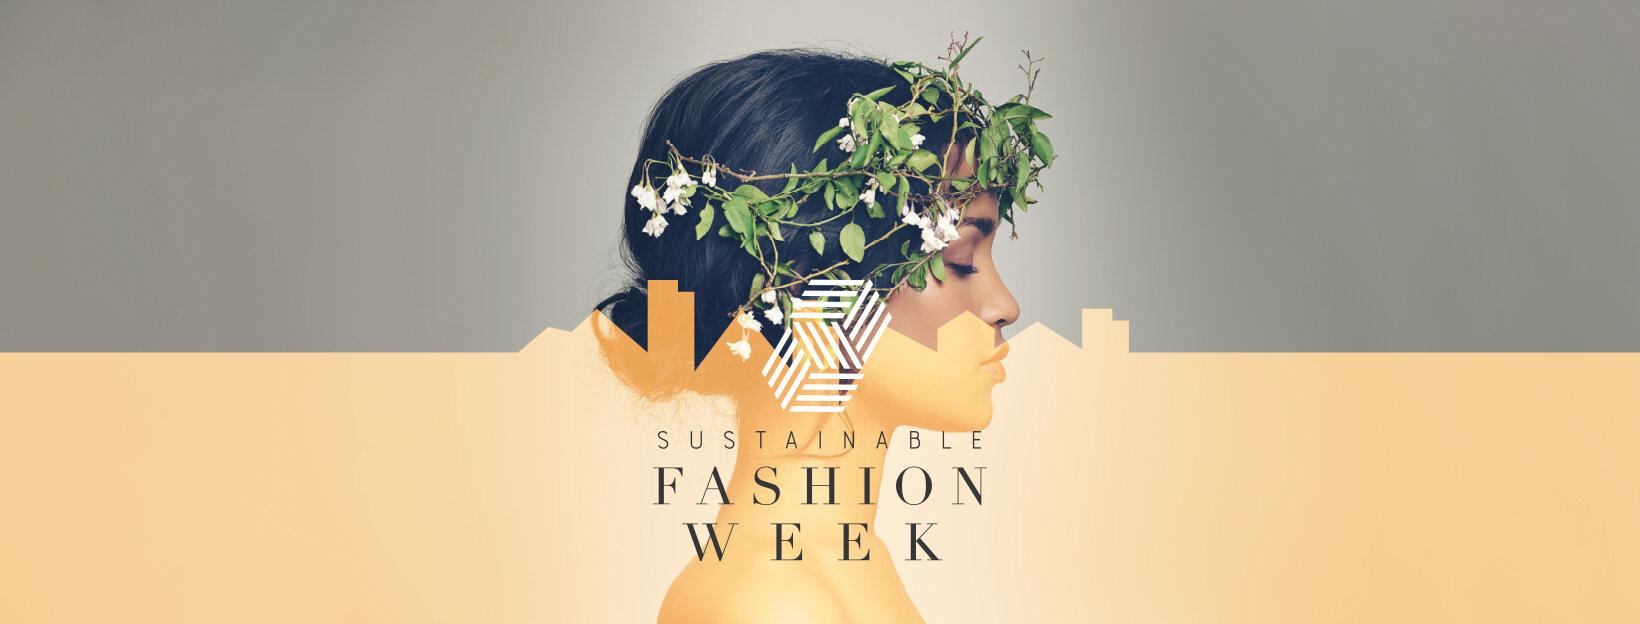 ÖSD_Sustainable_fashionweek.jpg